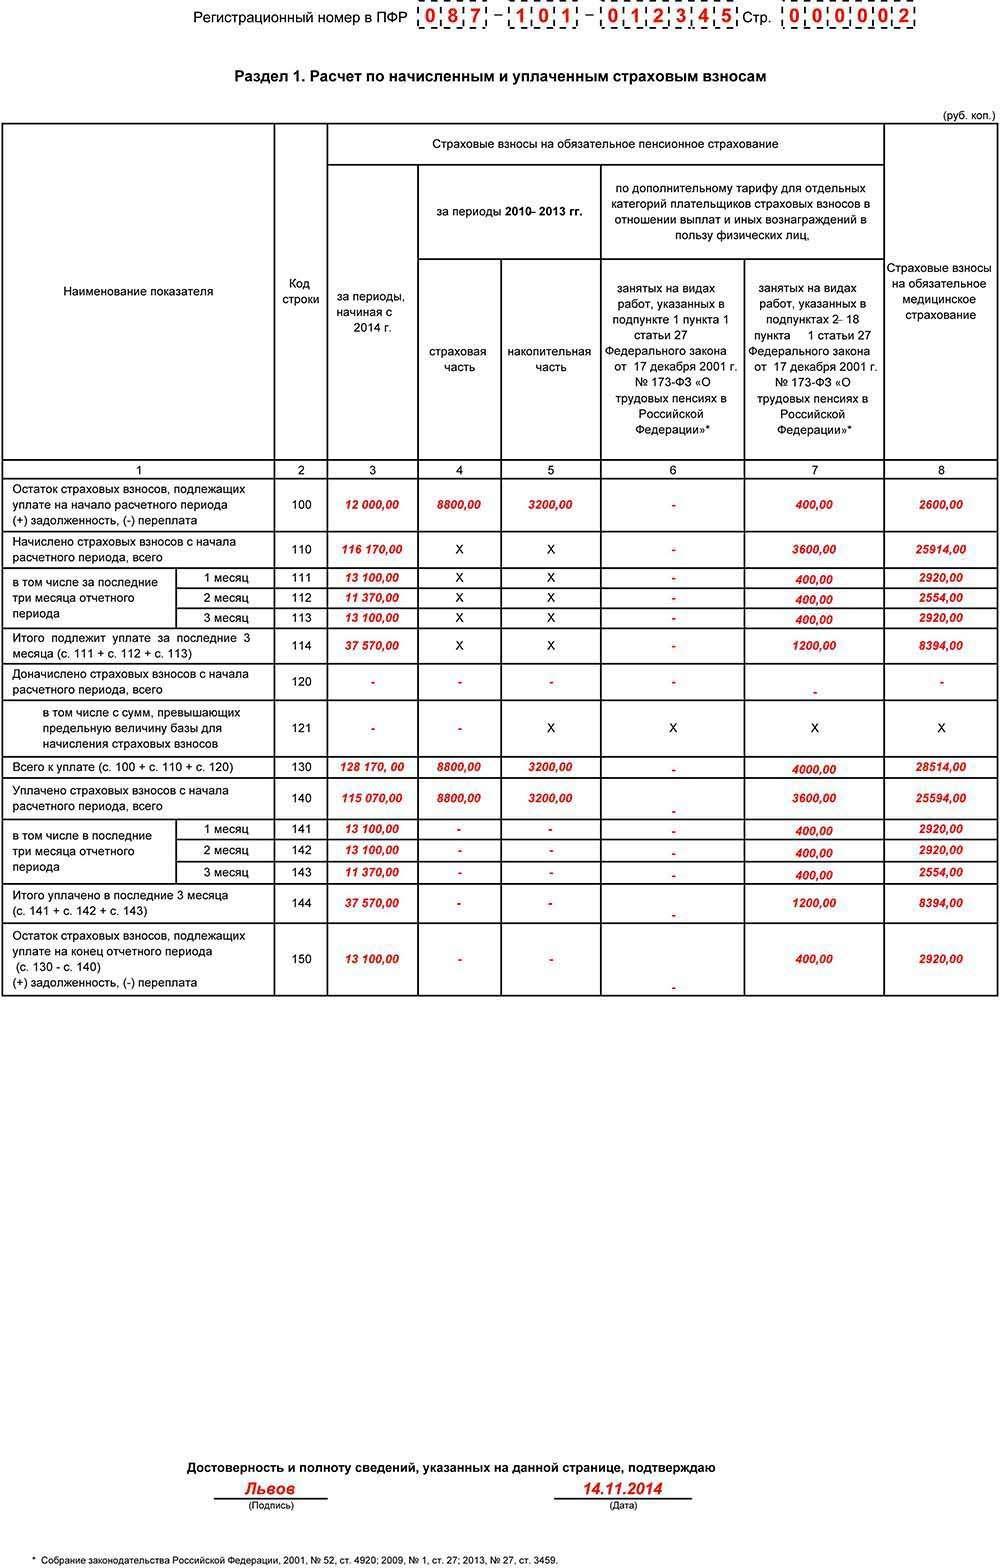 Образец заполнения формы РСВ-1 за 9 месяцев 2014 года